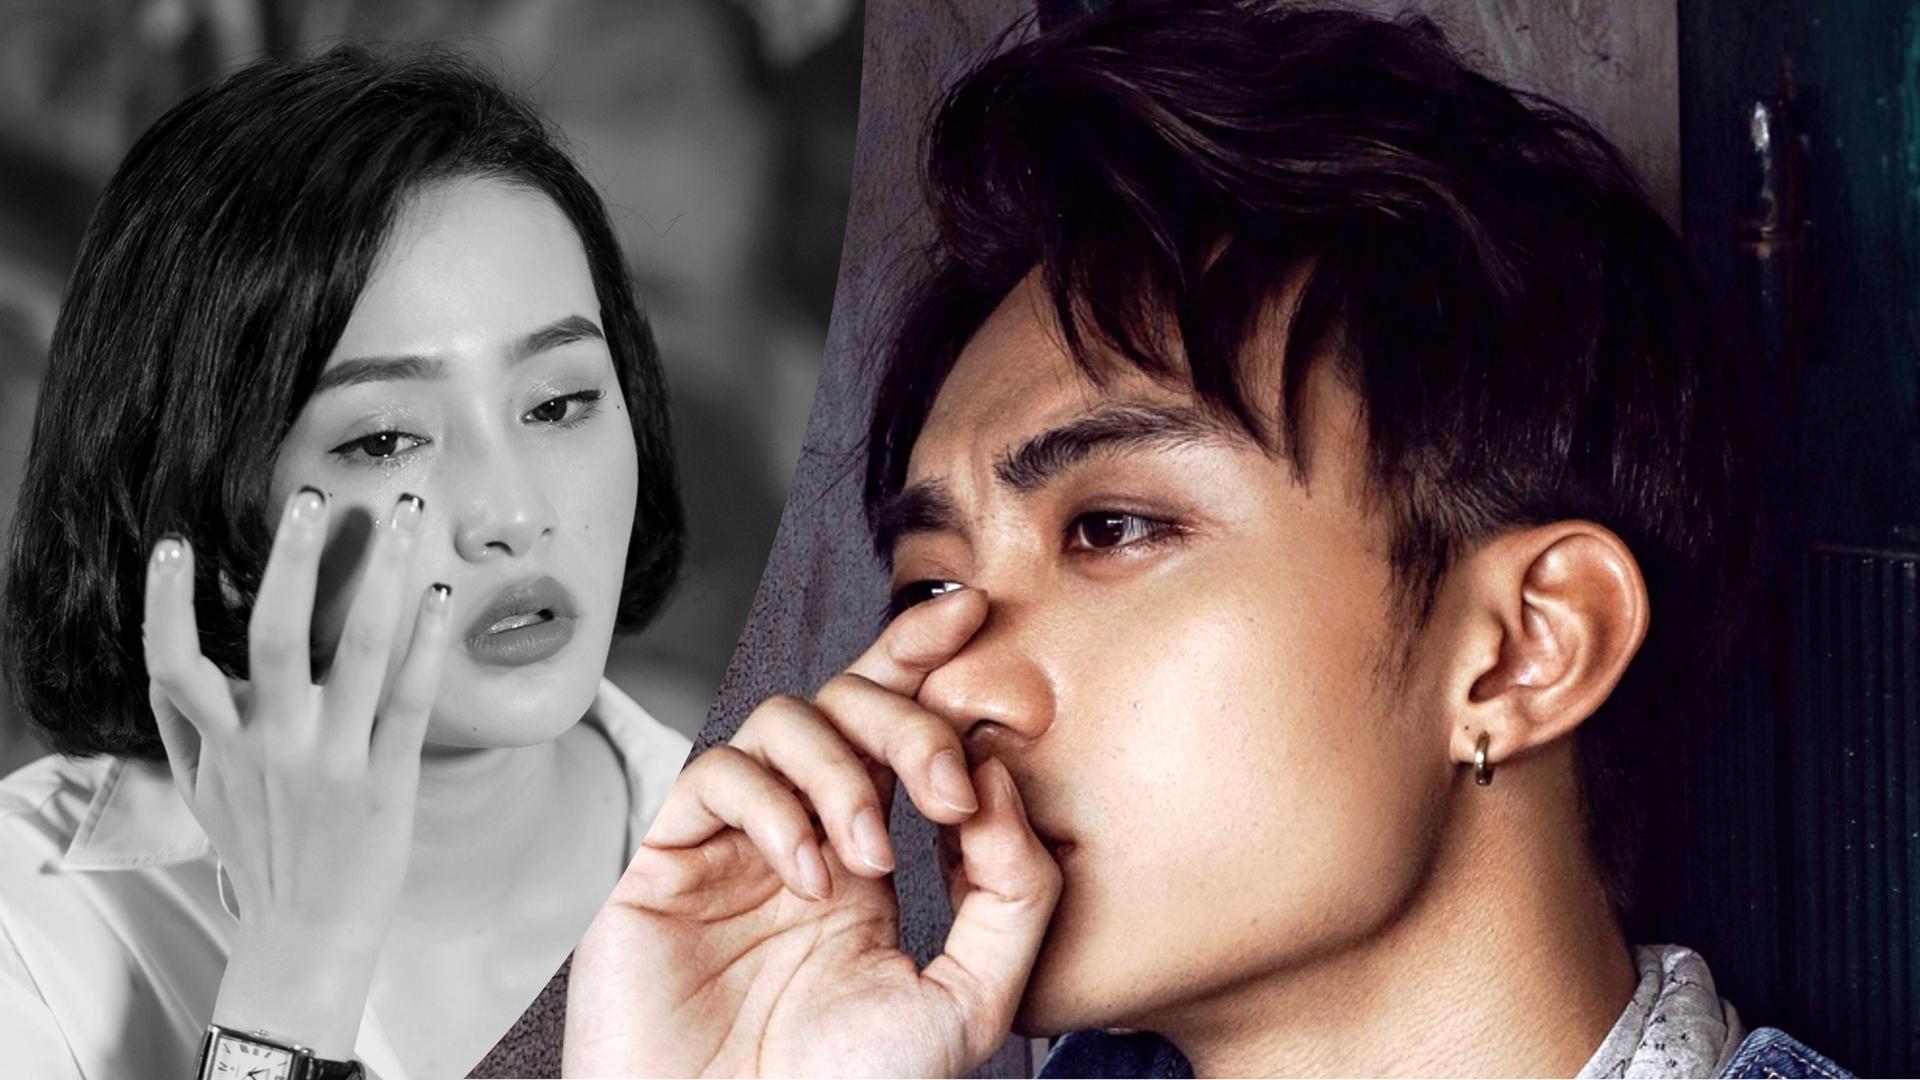 """Qua bản hit mới """"Xin Đừng Lặng Im"""" Soobin Hoàng Sơn công khai bày tỏ nỗi lòng với Hiền Hồ sau scandal tình cảm"""